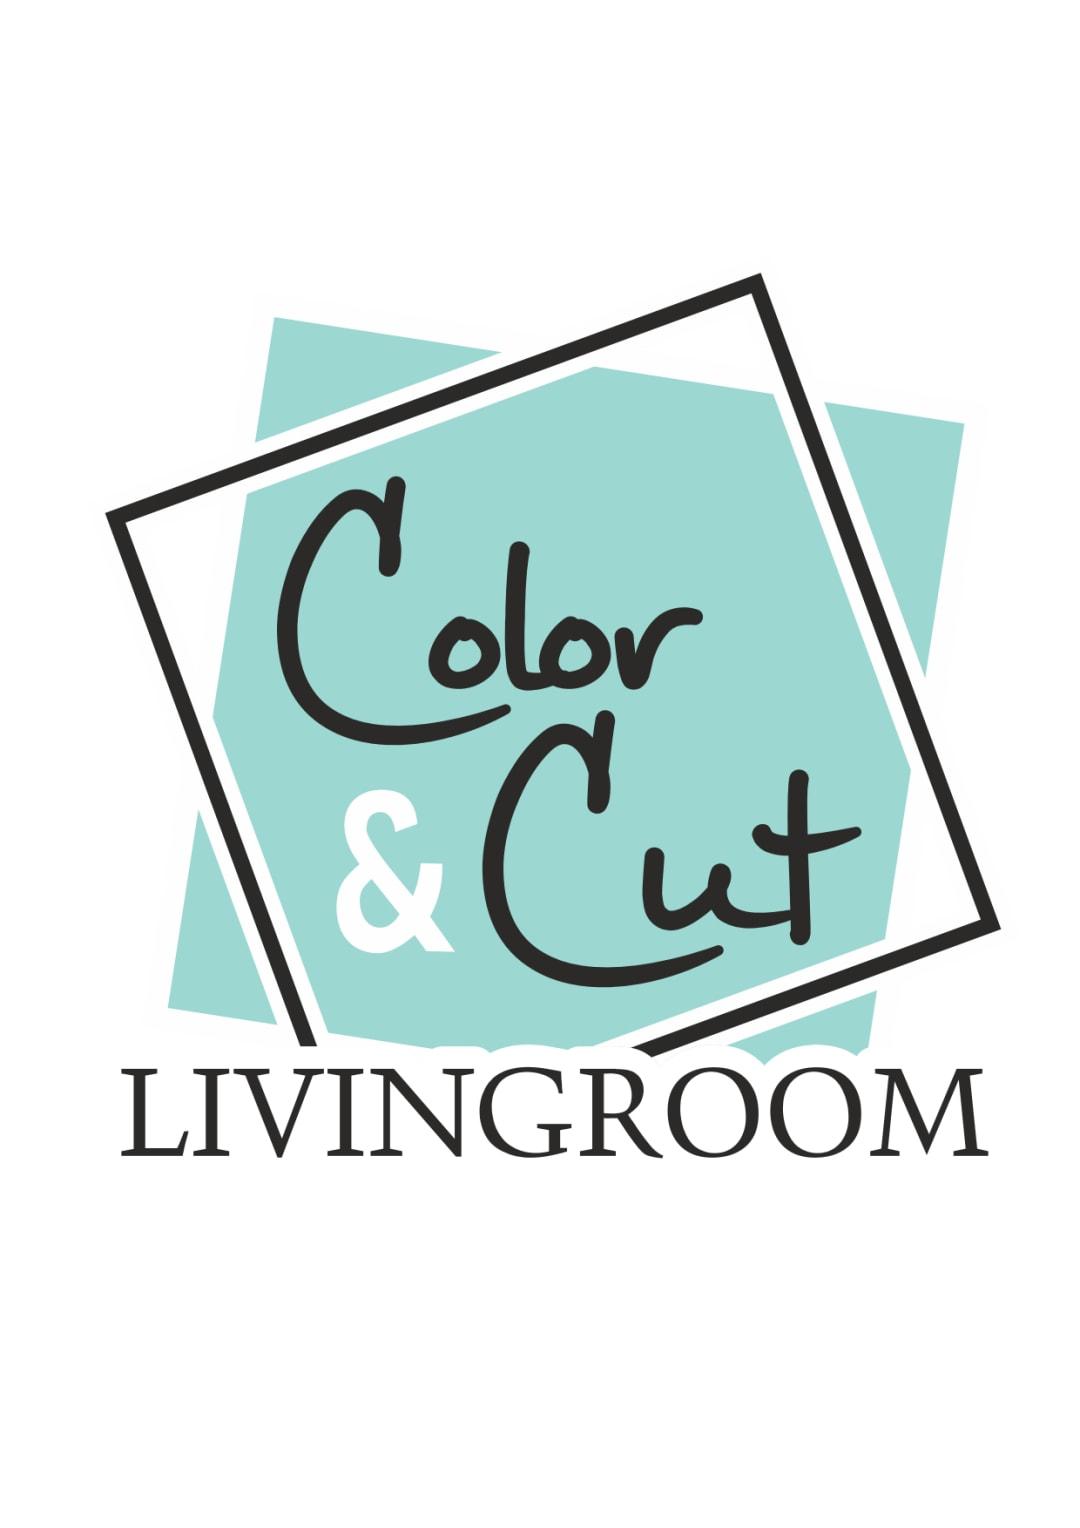 Color & Cut livingroom